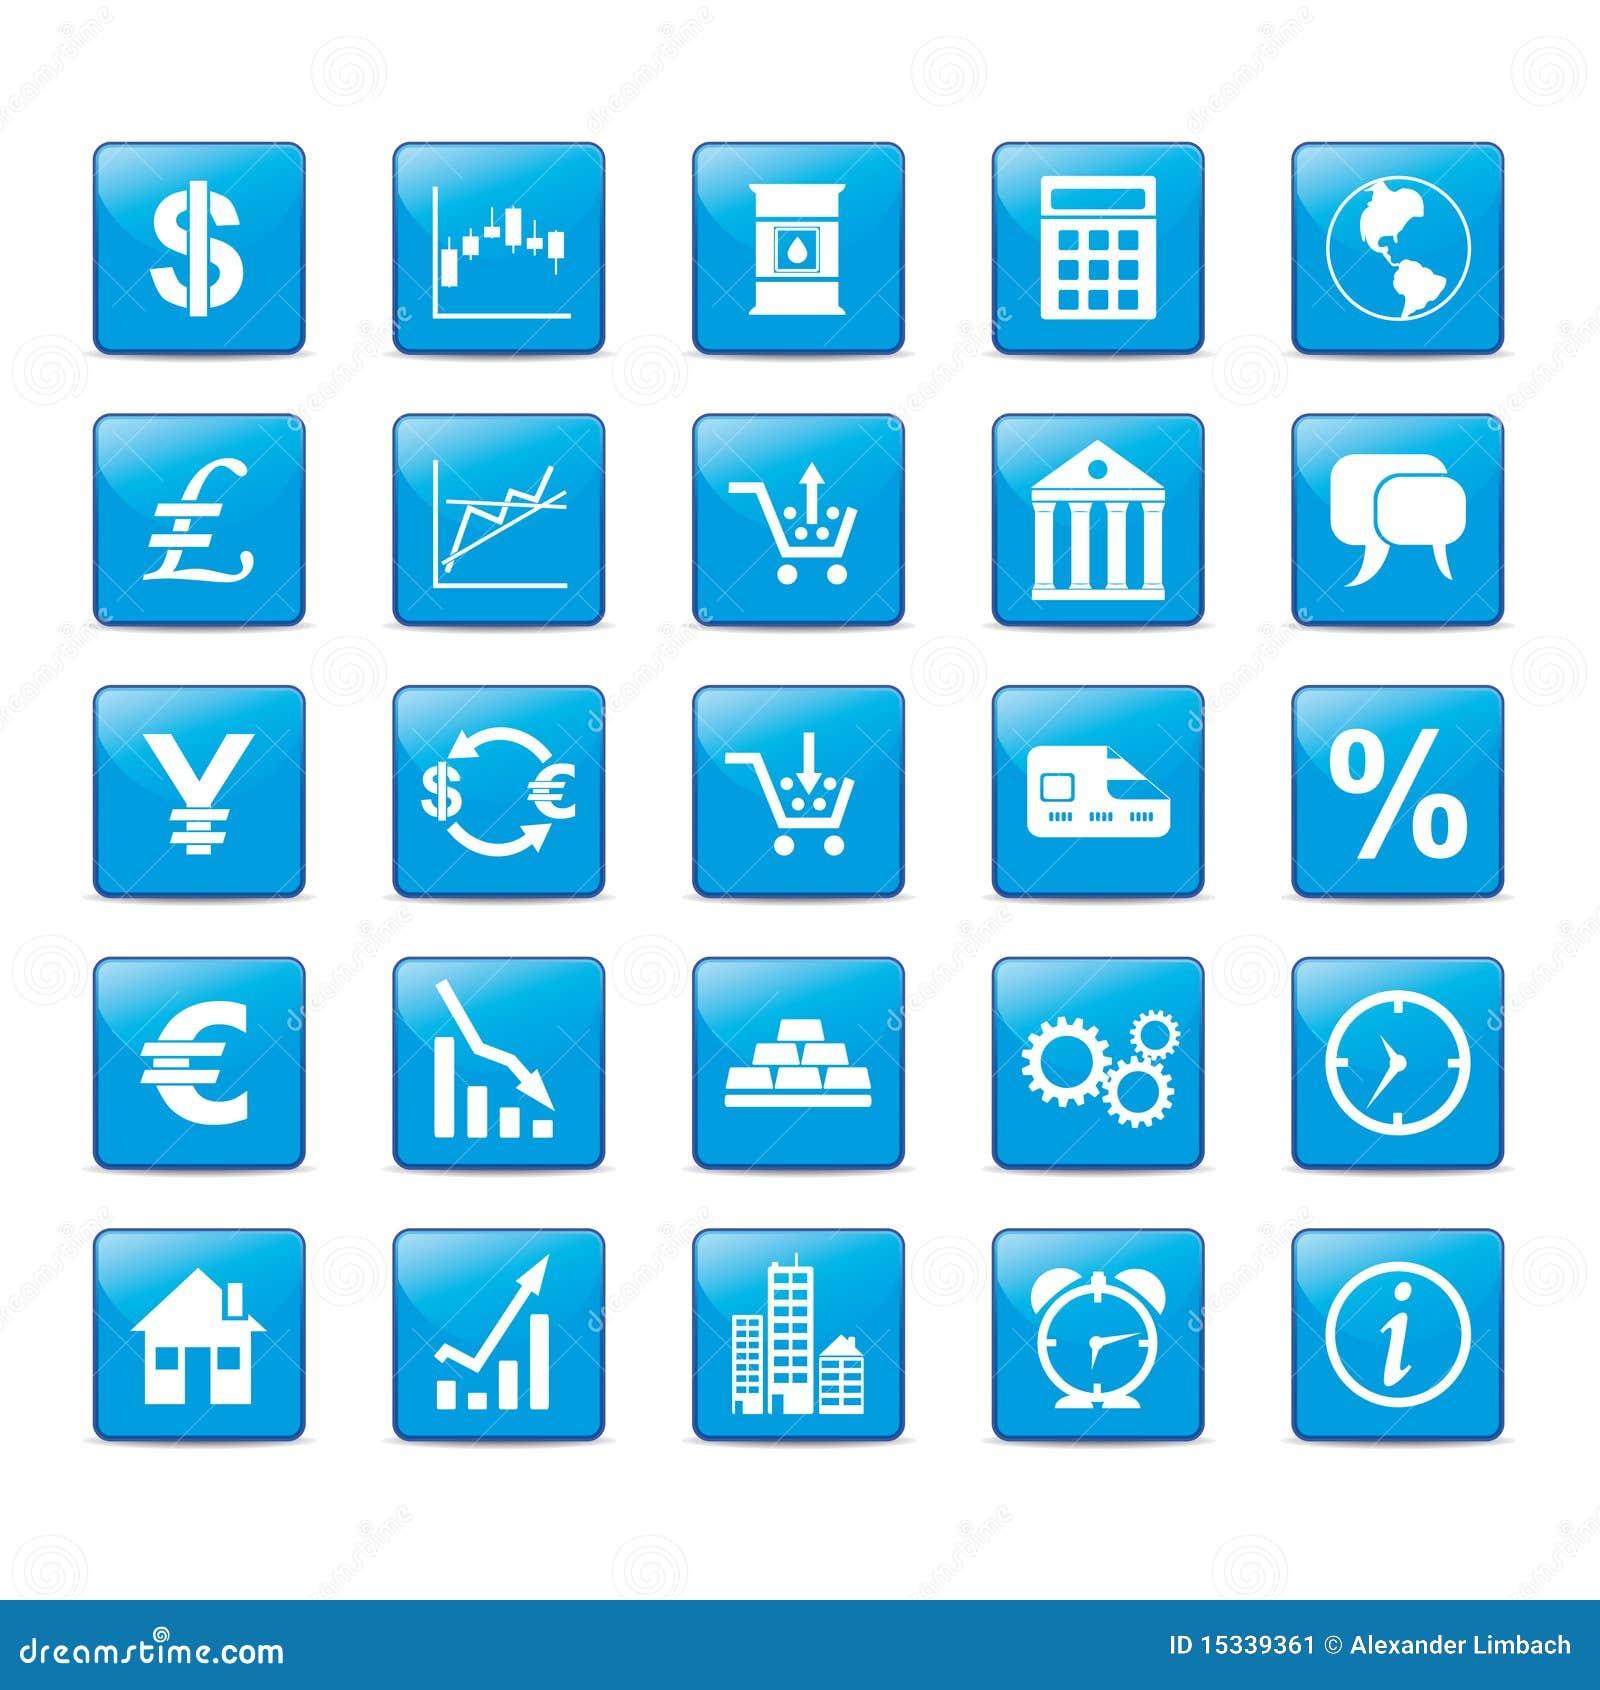 Iconset Markets